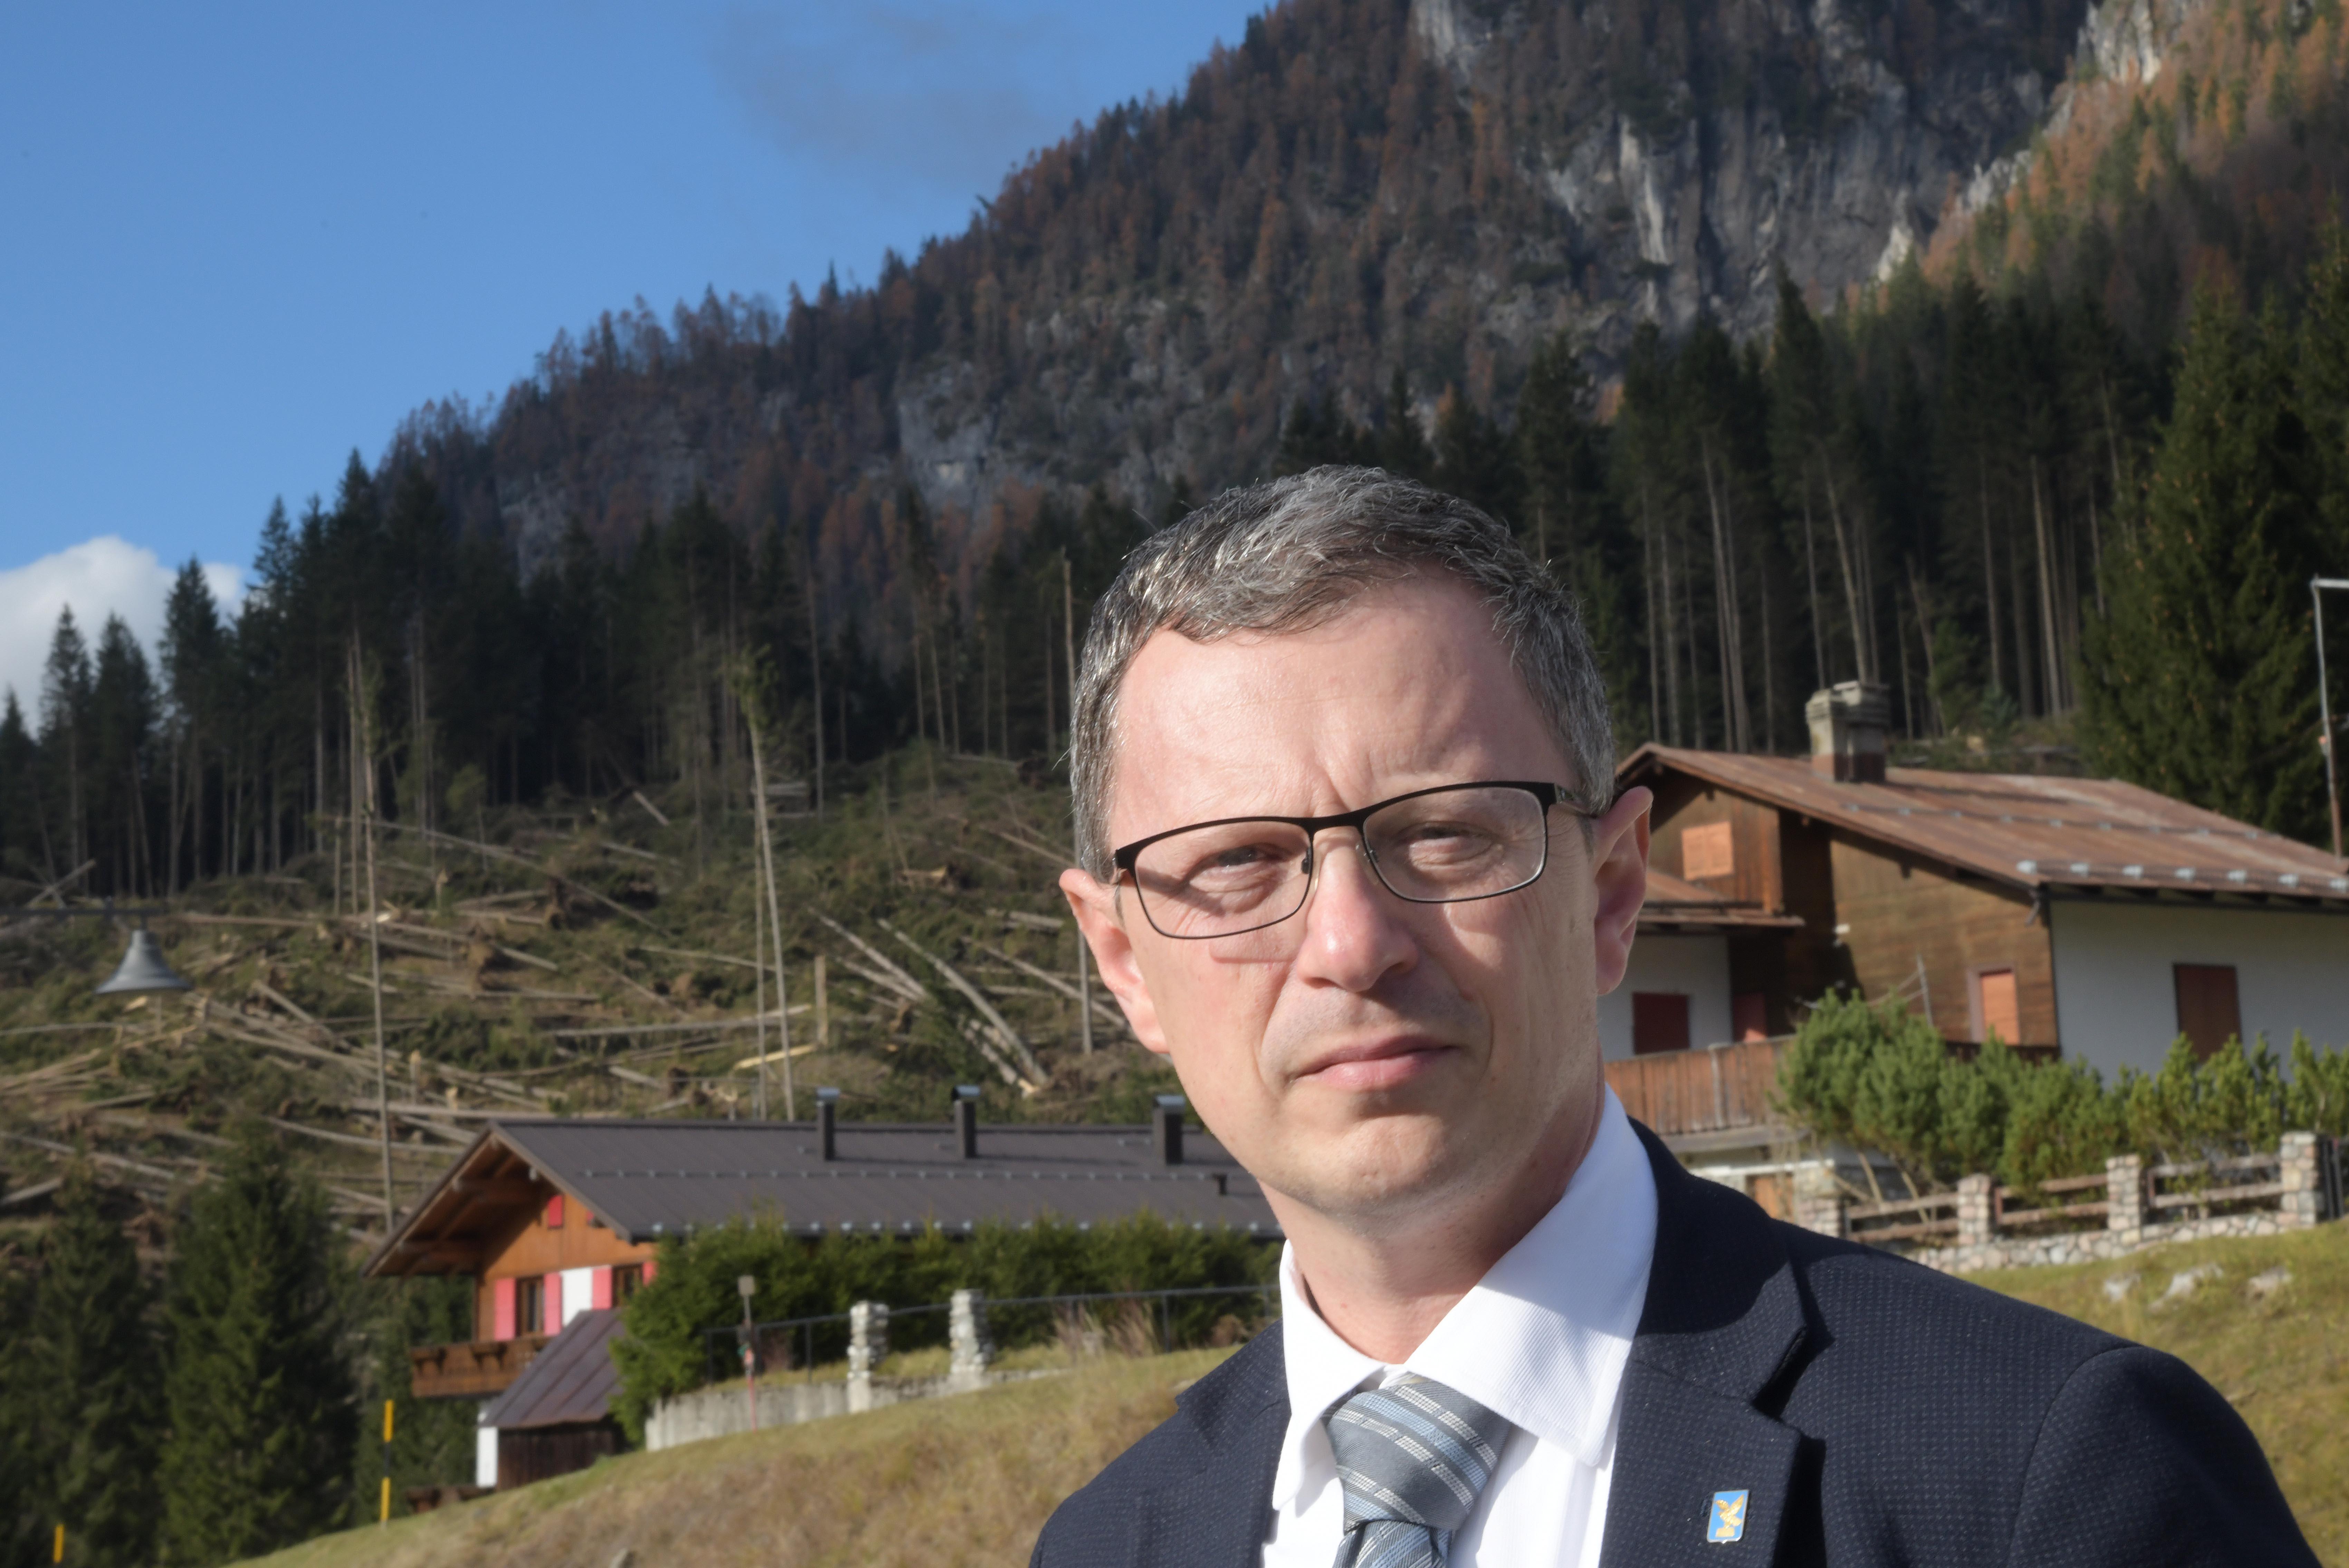 Foreste FVG: Zannier, 3,2 milioni a bando per patrimonio boschivo